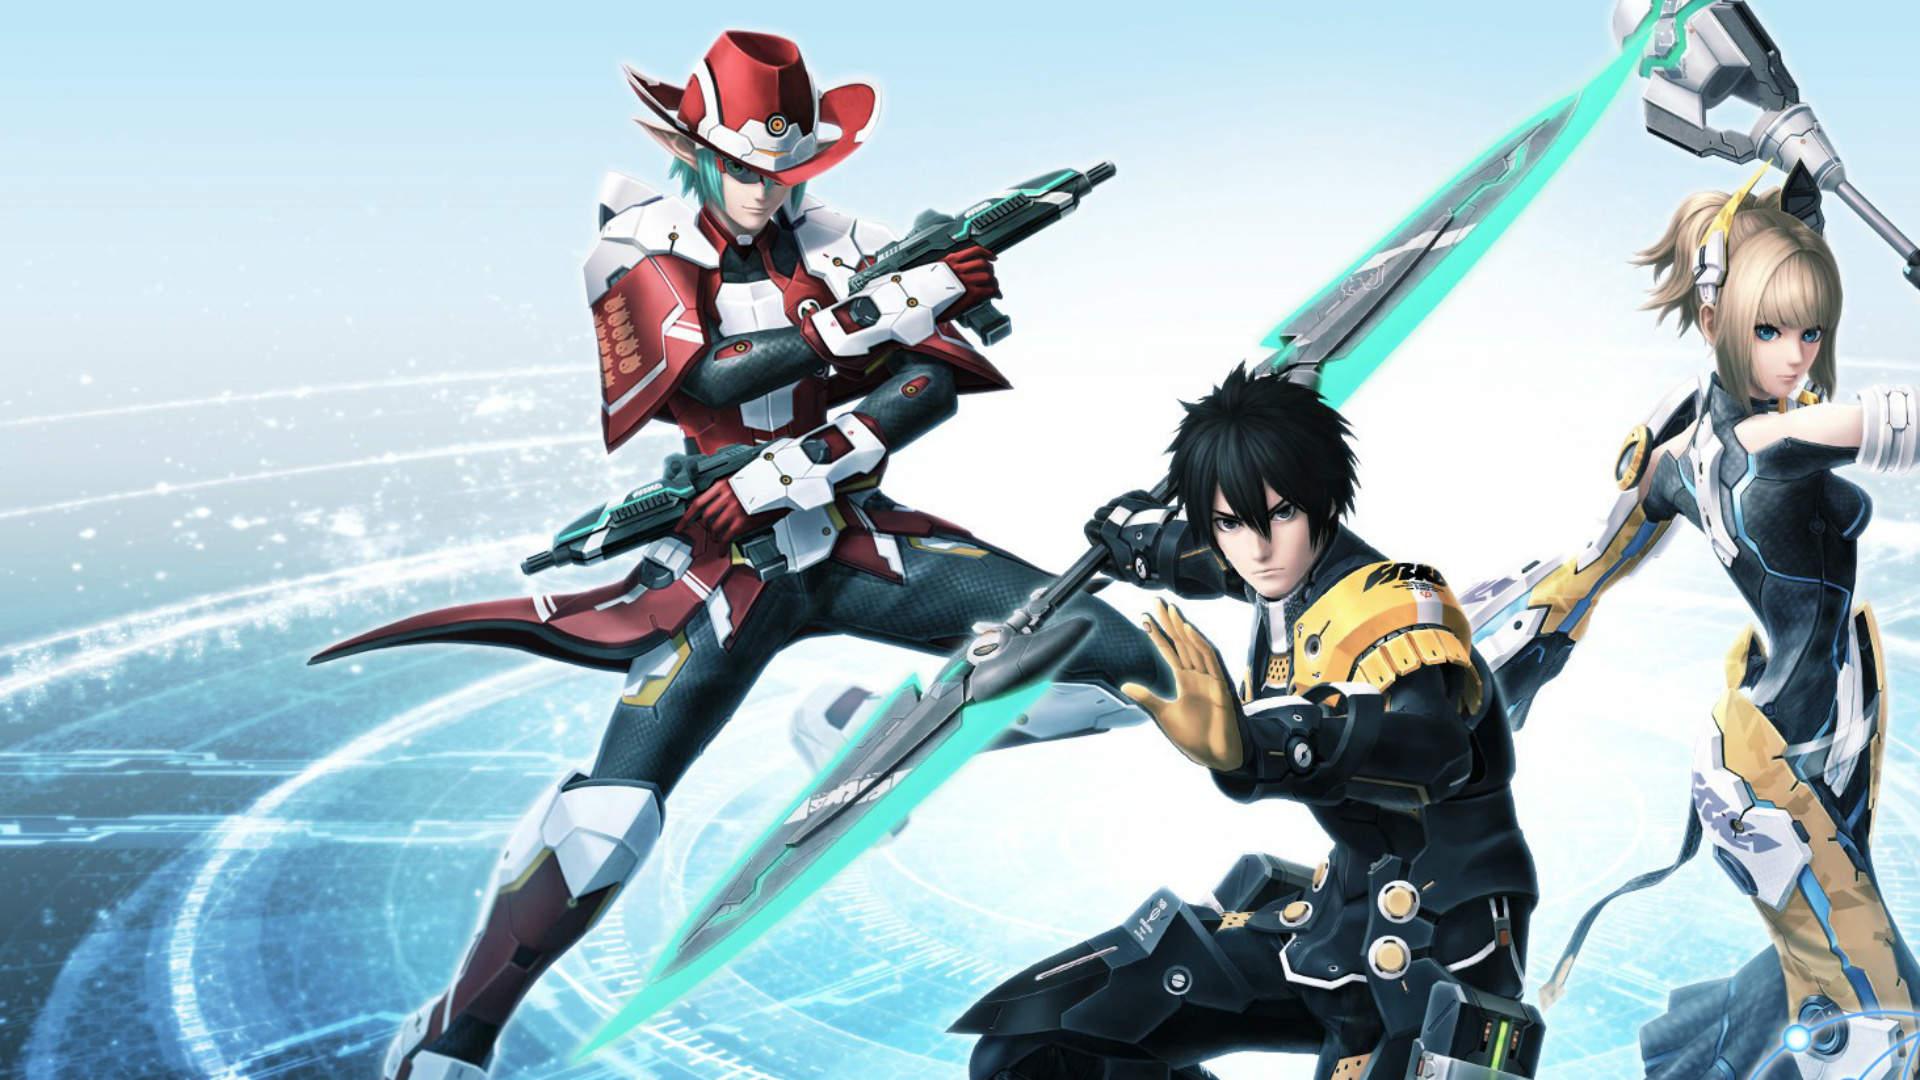 Phantasy Star Online 2 New genesis heroes